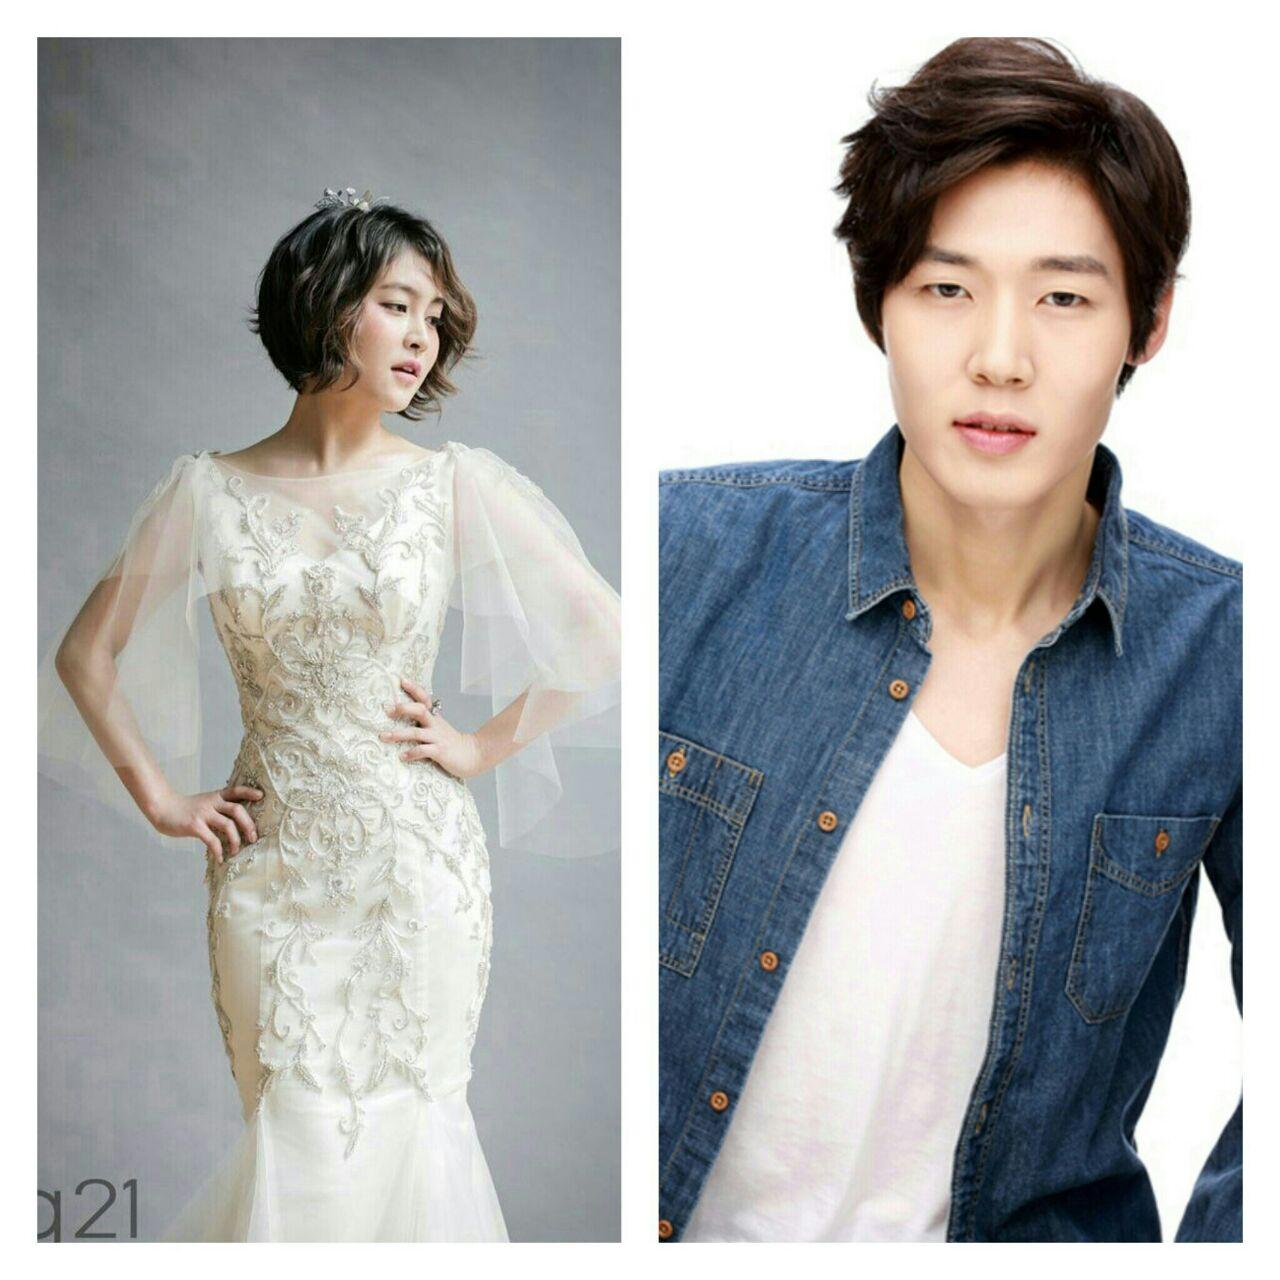 خواننده yoon sung hyun و بازیگر park min ji که یکساله با هم آشنا هستند بالاخره کمپانی این خبرو تایید کرد.